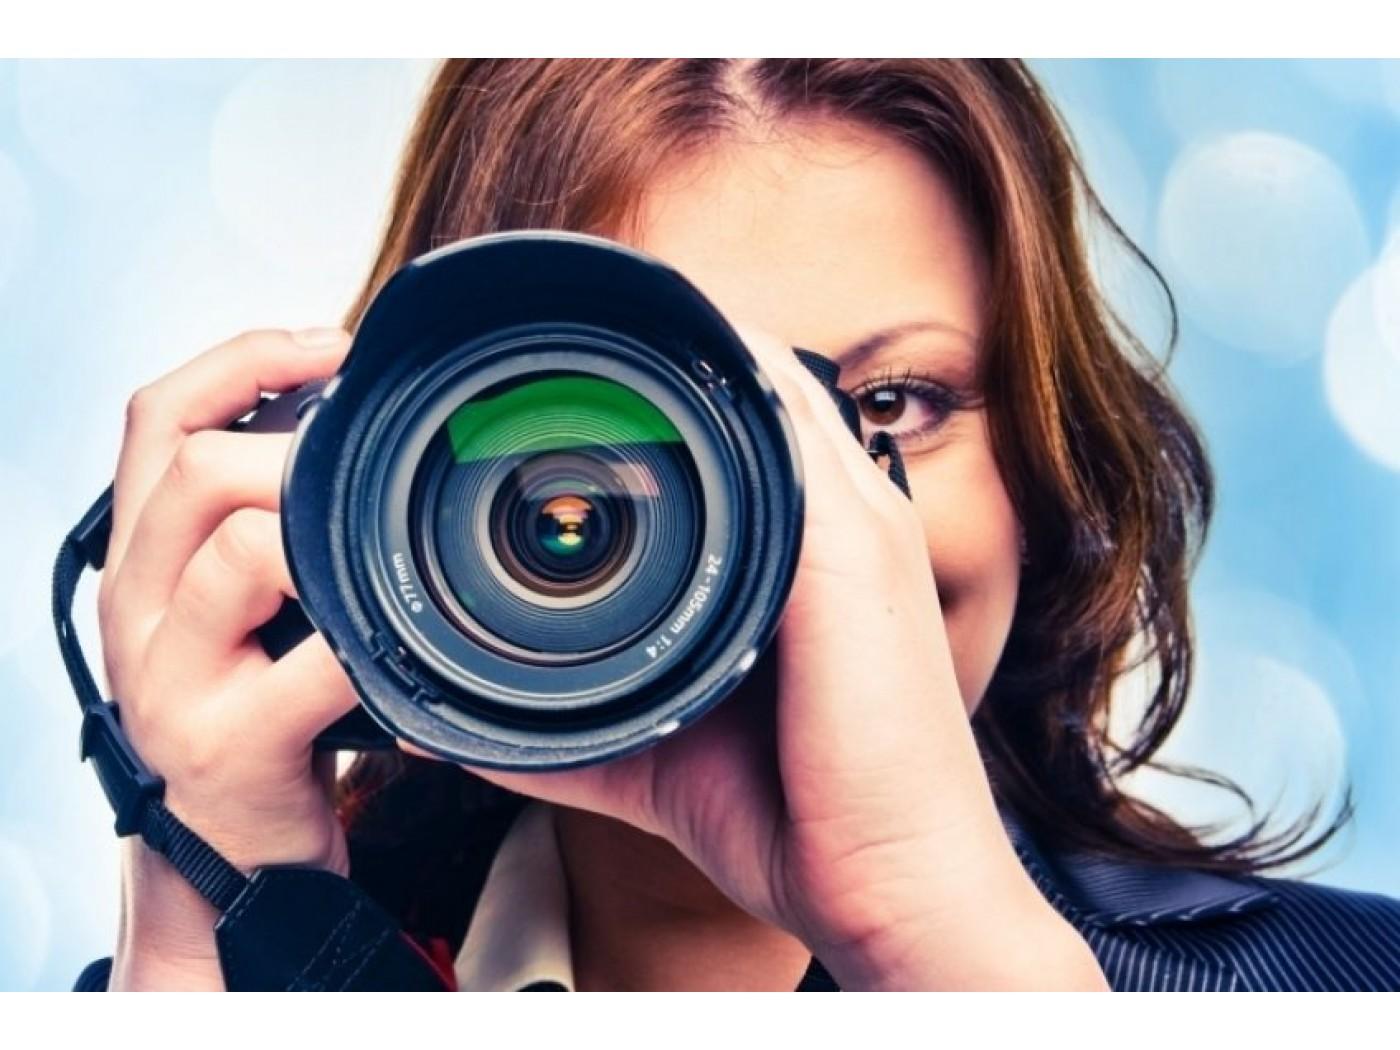 Требуется фотограф для предметной съемки